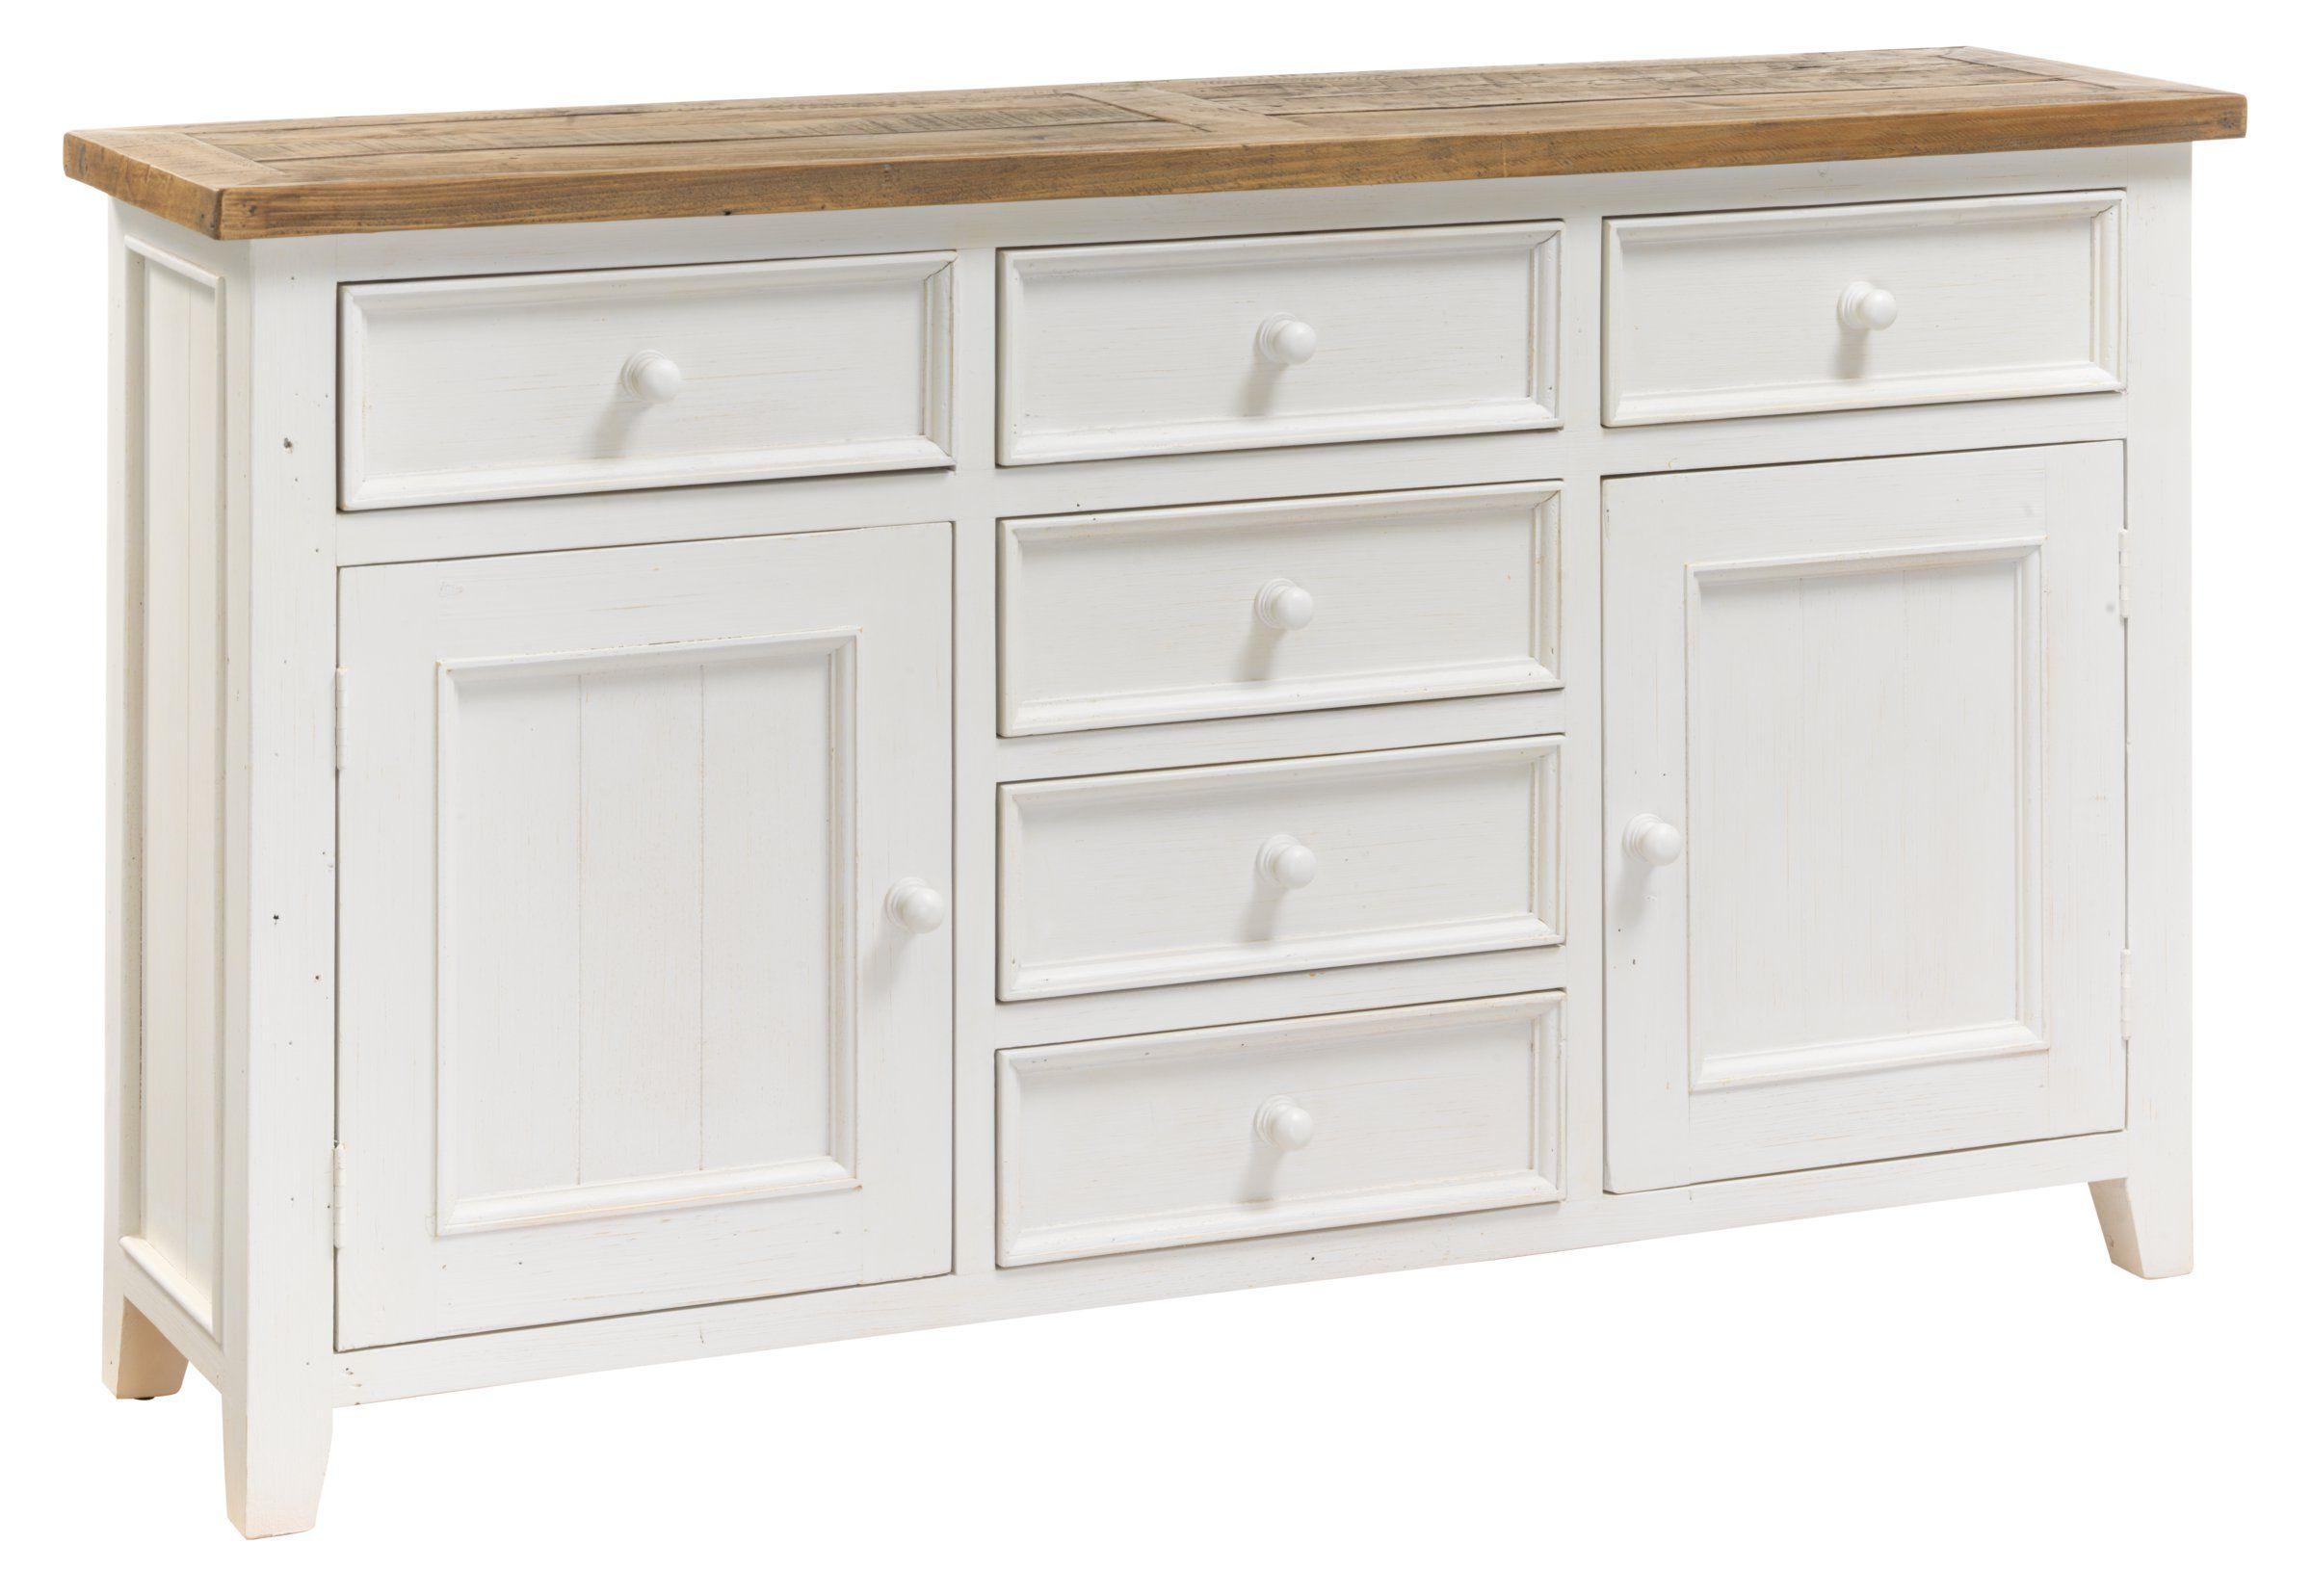 Vintage möbel weiss braun  Sideboard BOTTA, Recycelte Kiefer massiv,vintage braun lackiert ...